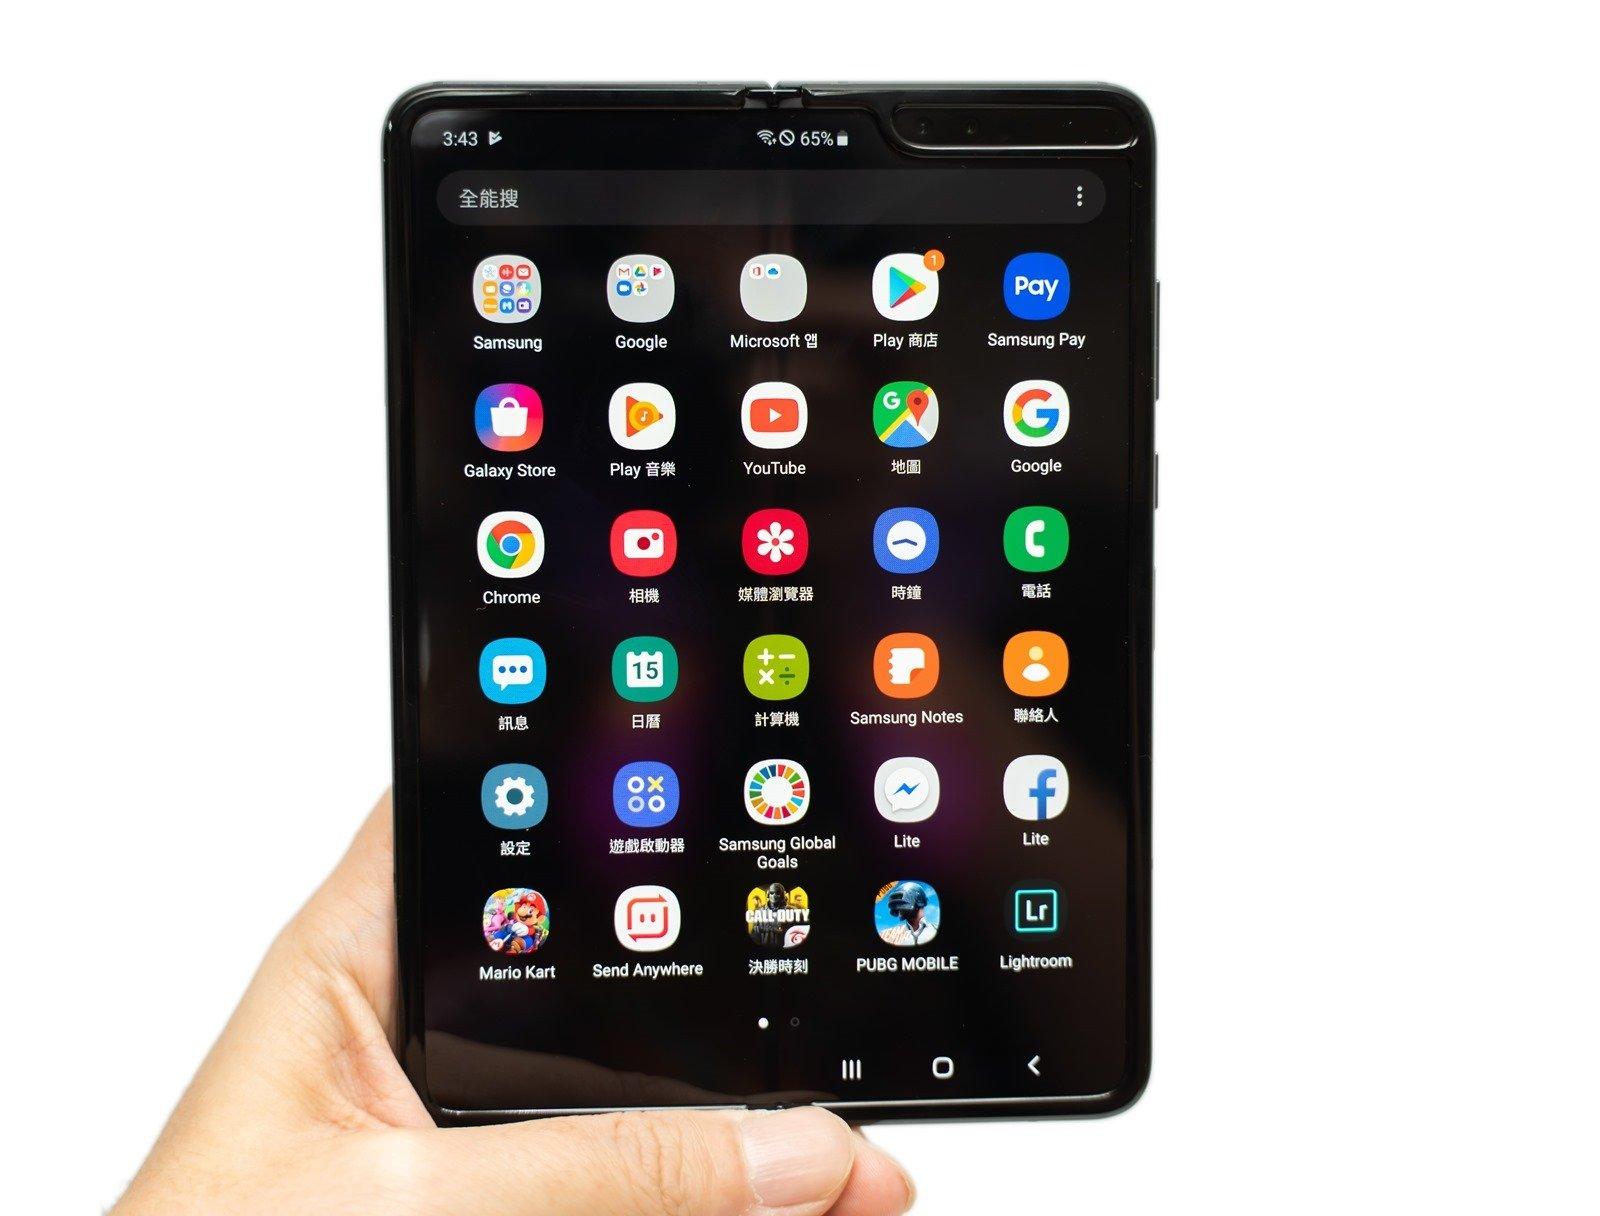 六萬多一台手機還是好想要!三星 Galaxy Fold 折疊螢幕手機開箱分享 @3C 達人廖阿輝